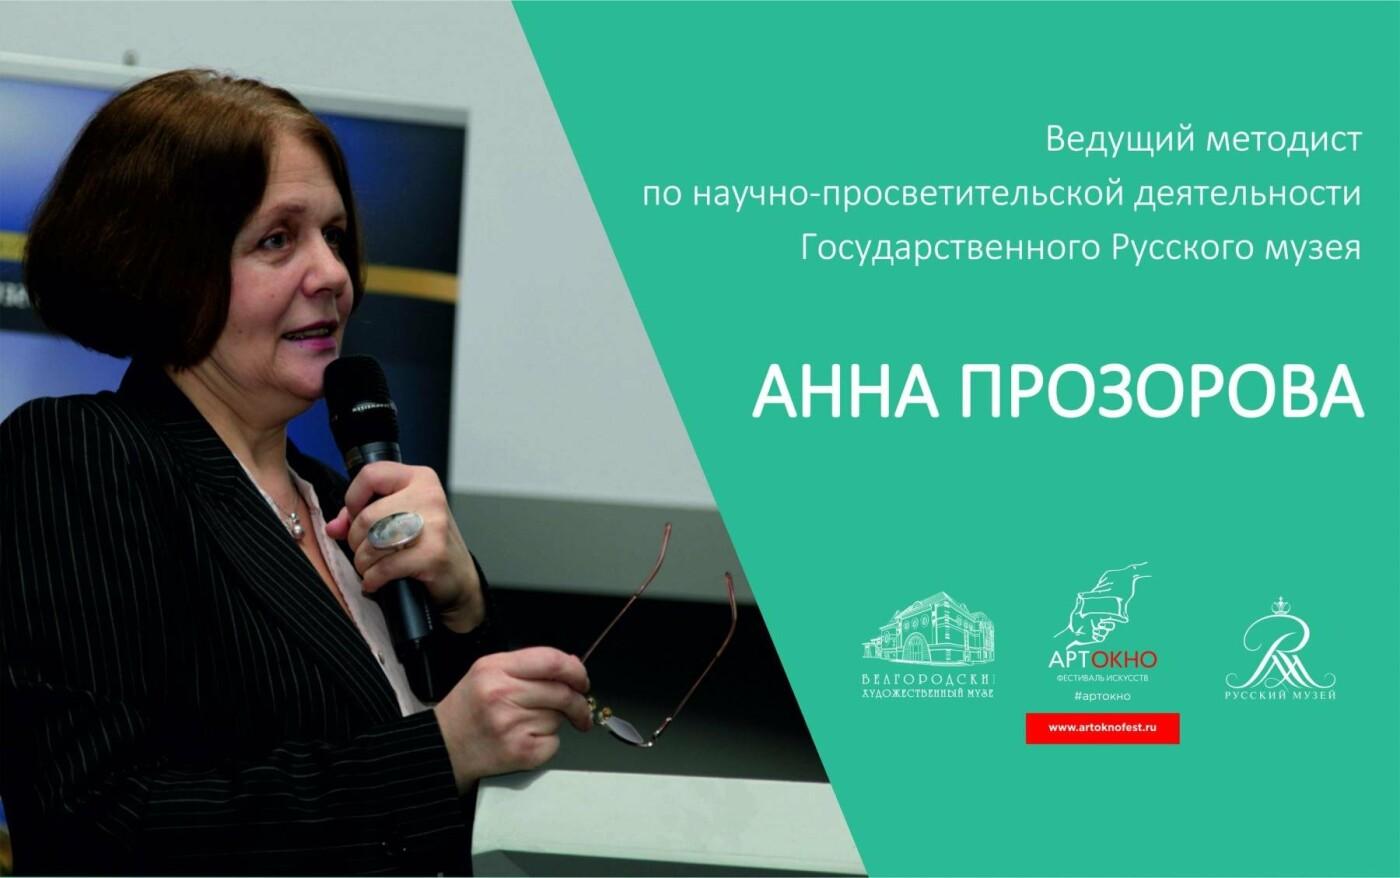 Белгородцев приглашают на лекции по истории искусства от методиста Русского музея, фото-1